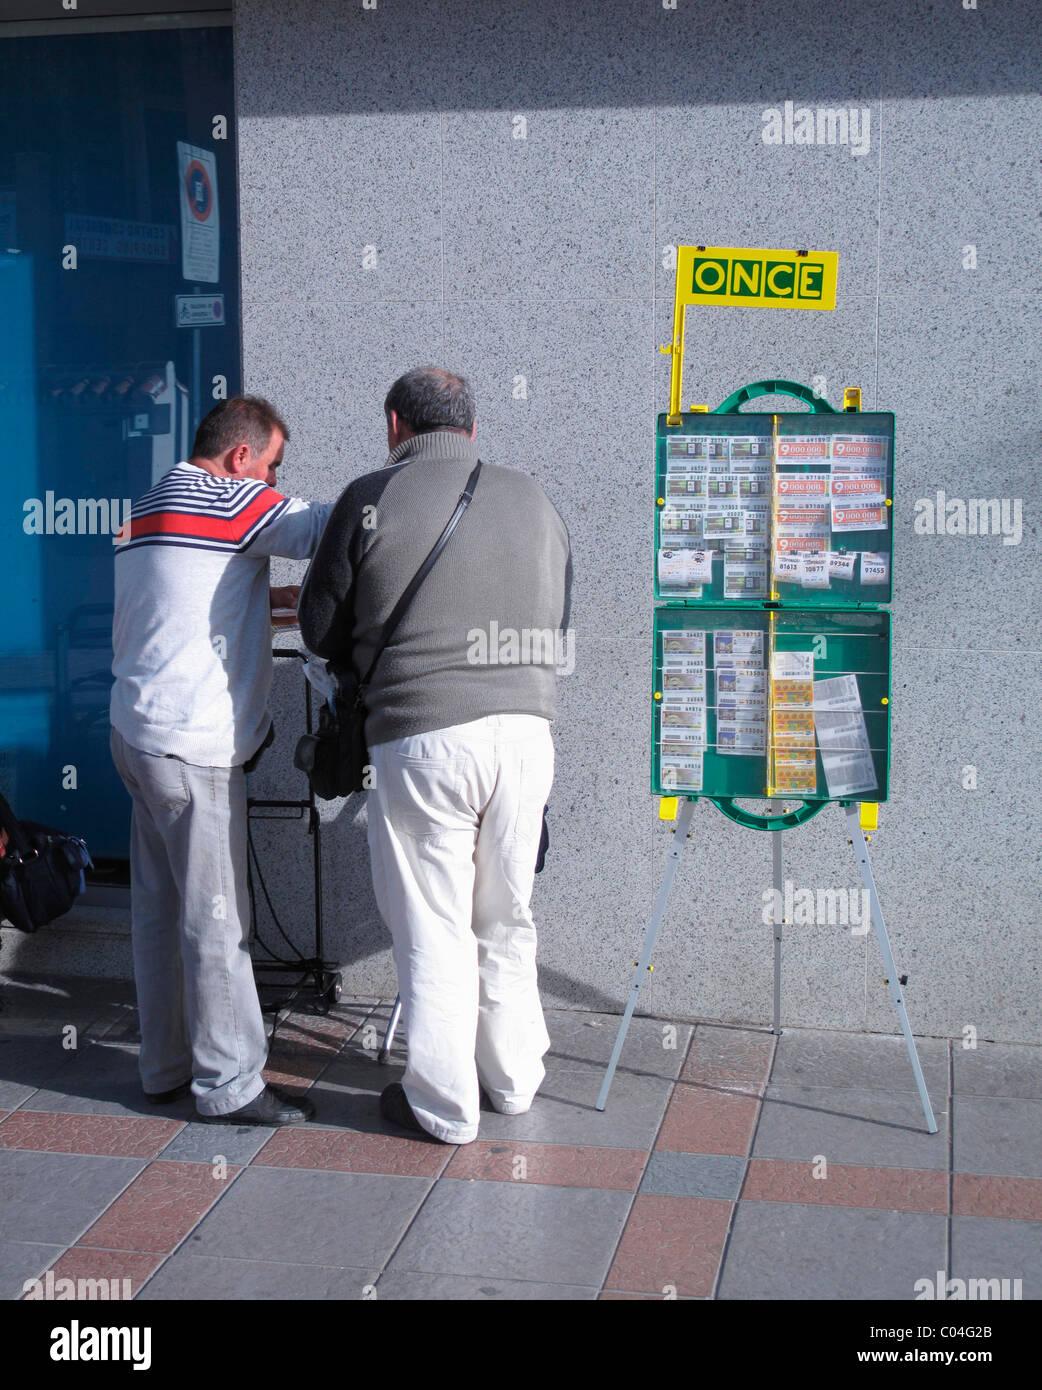 Ciego vendedor de billetes de lotería pertenecientes a la organización una vez que la venta de boletos Imagen De Stock